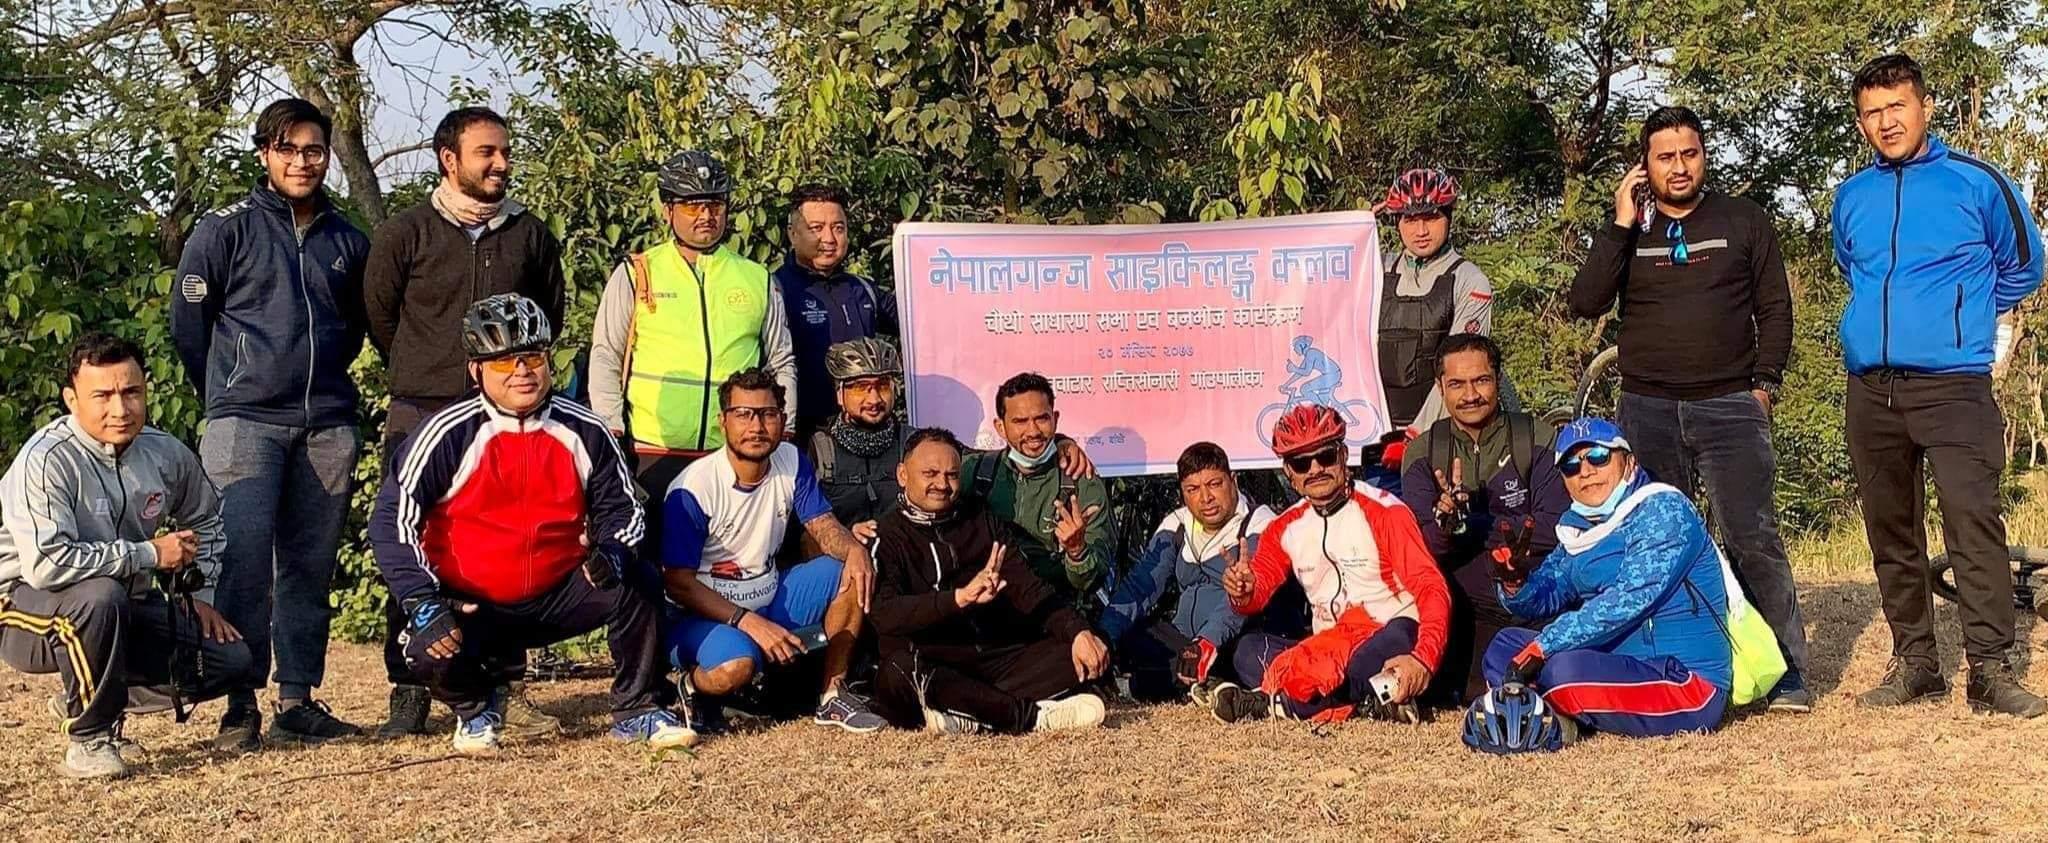 नेपालगन्ज साइक्लिङ्ग क्लब बाँकेले लुम्बिनी प्रदेश स्तरीयसाइक्लिङ्ग प्रतियोगिता गर्ने